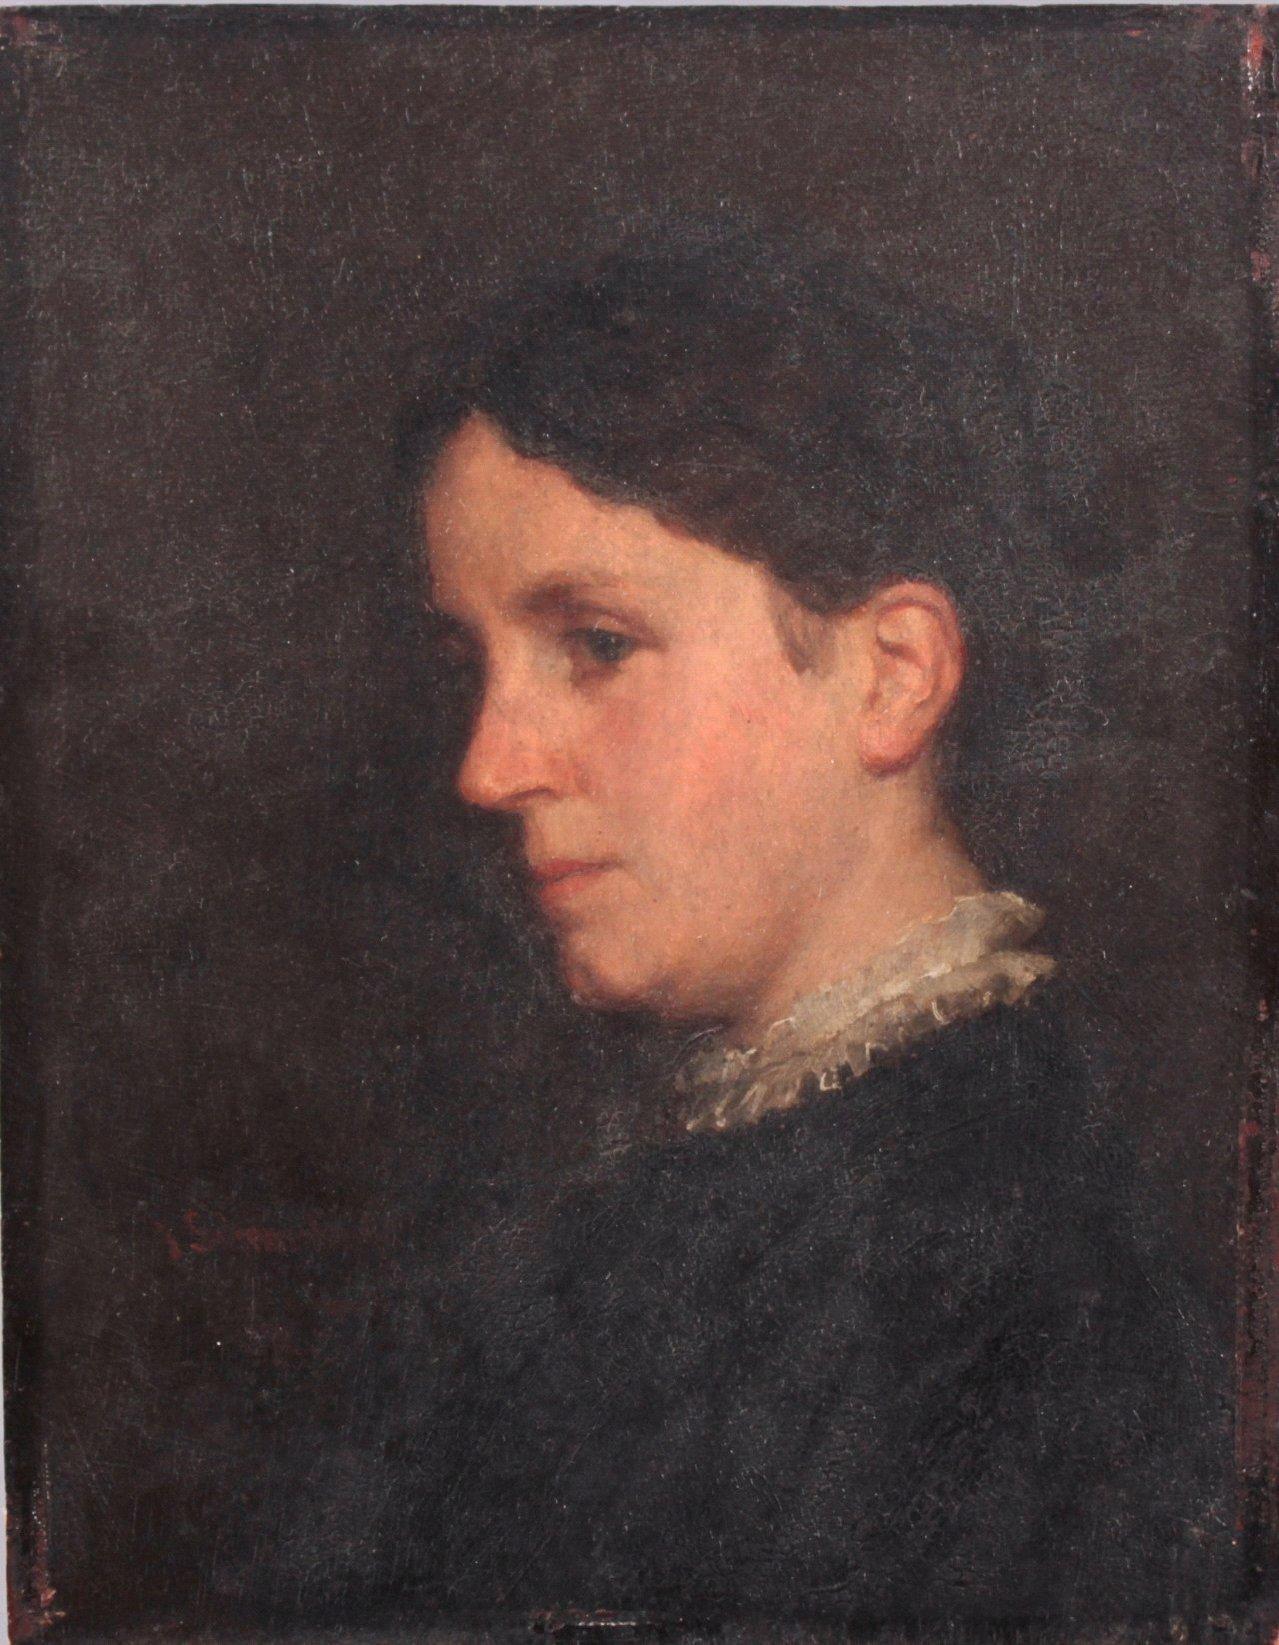 Joseph Scheurenberg (1846-1914)